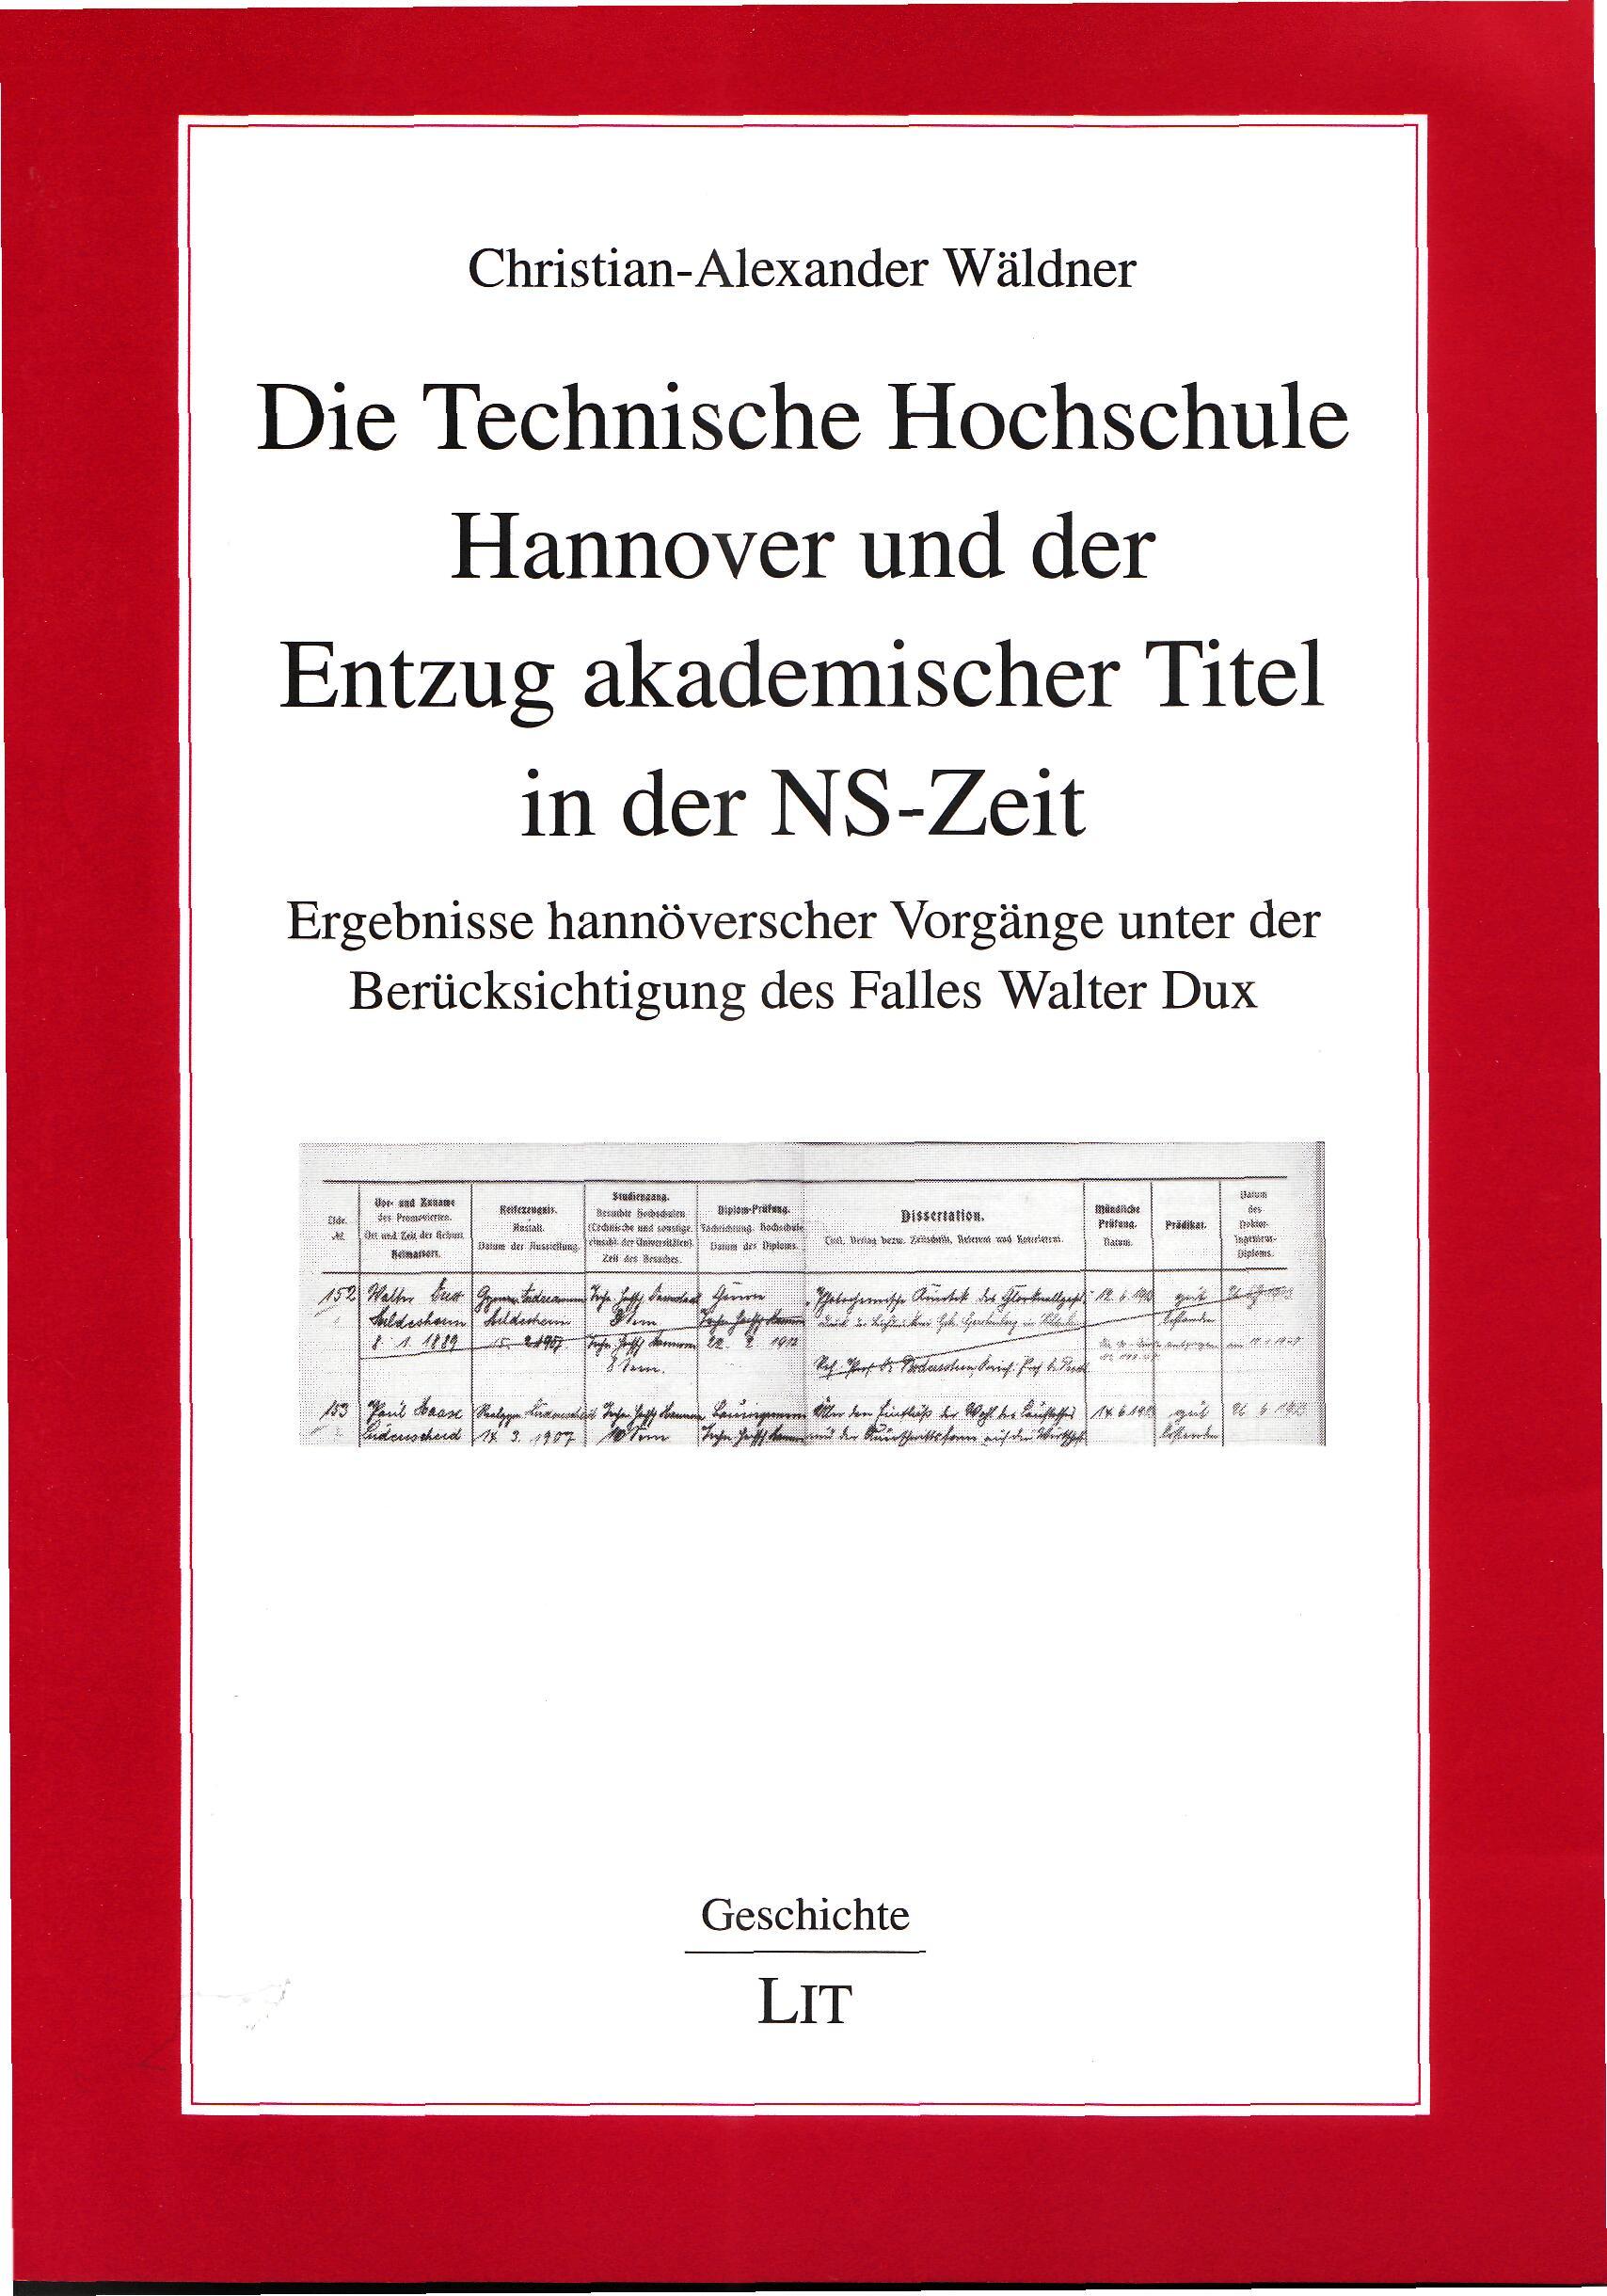 Deckblatt_Wäldner